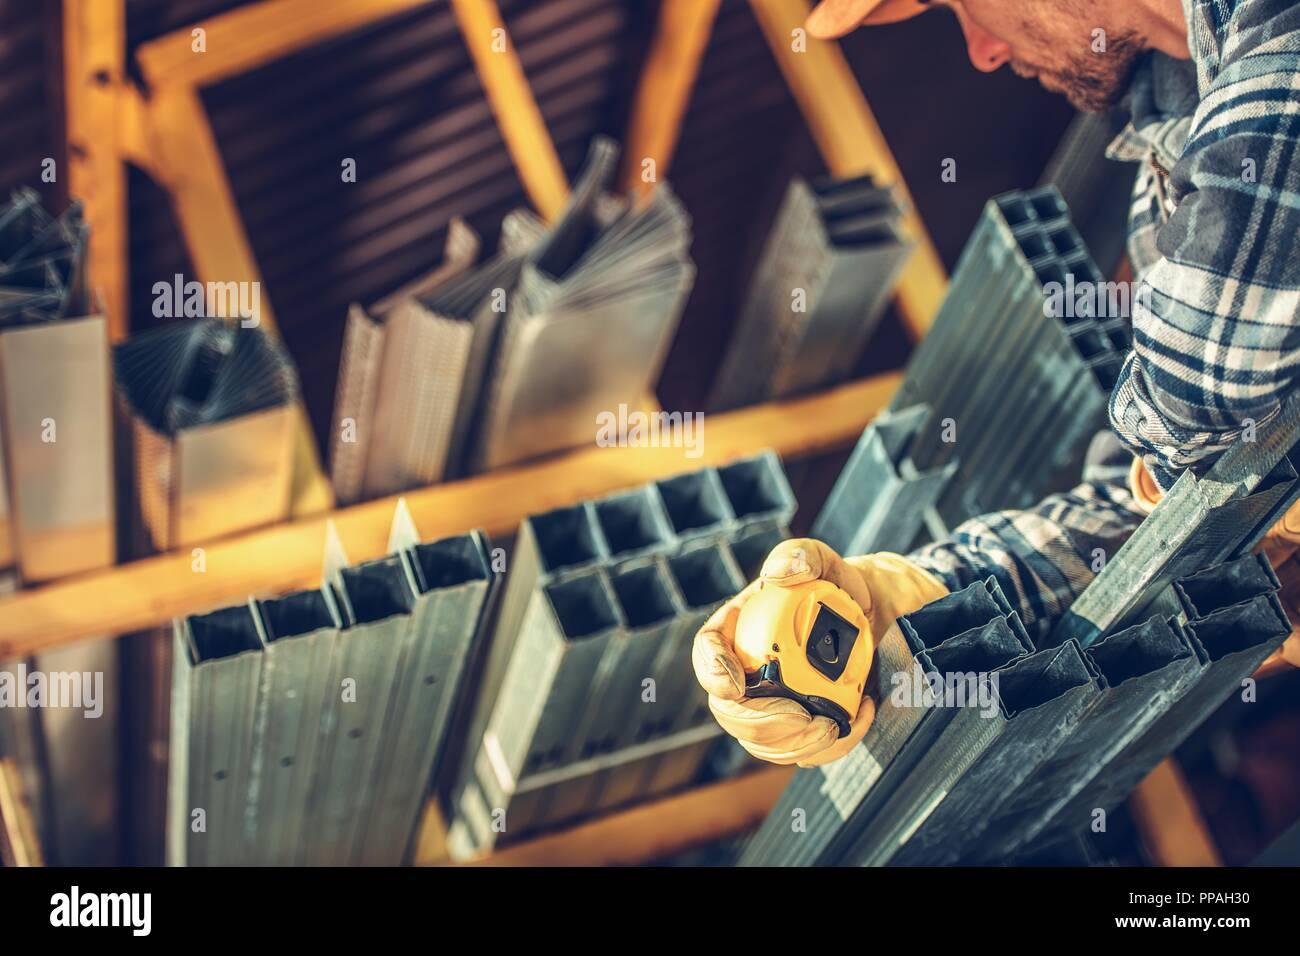 Building Supplies Imágenes De Stock & Building Supplies Fotos De ...